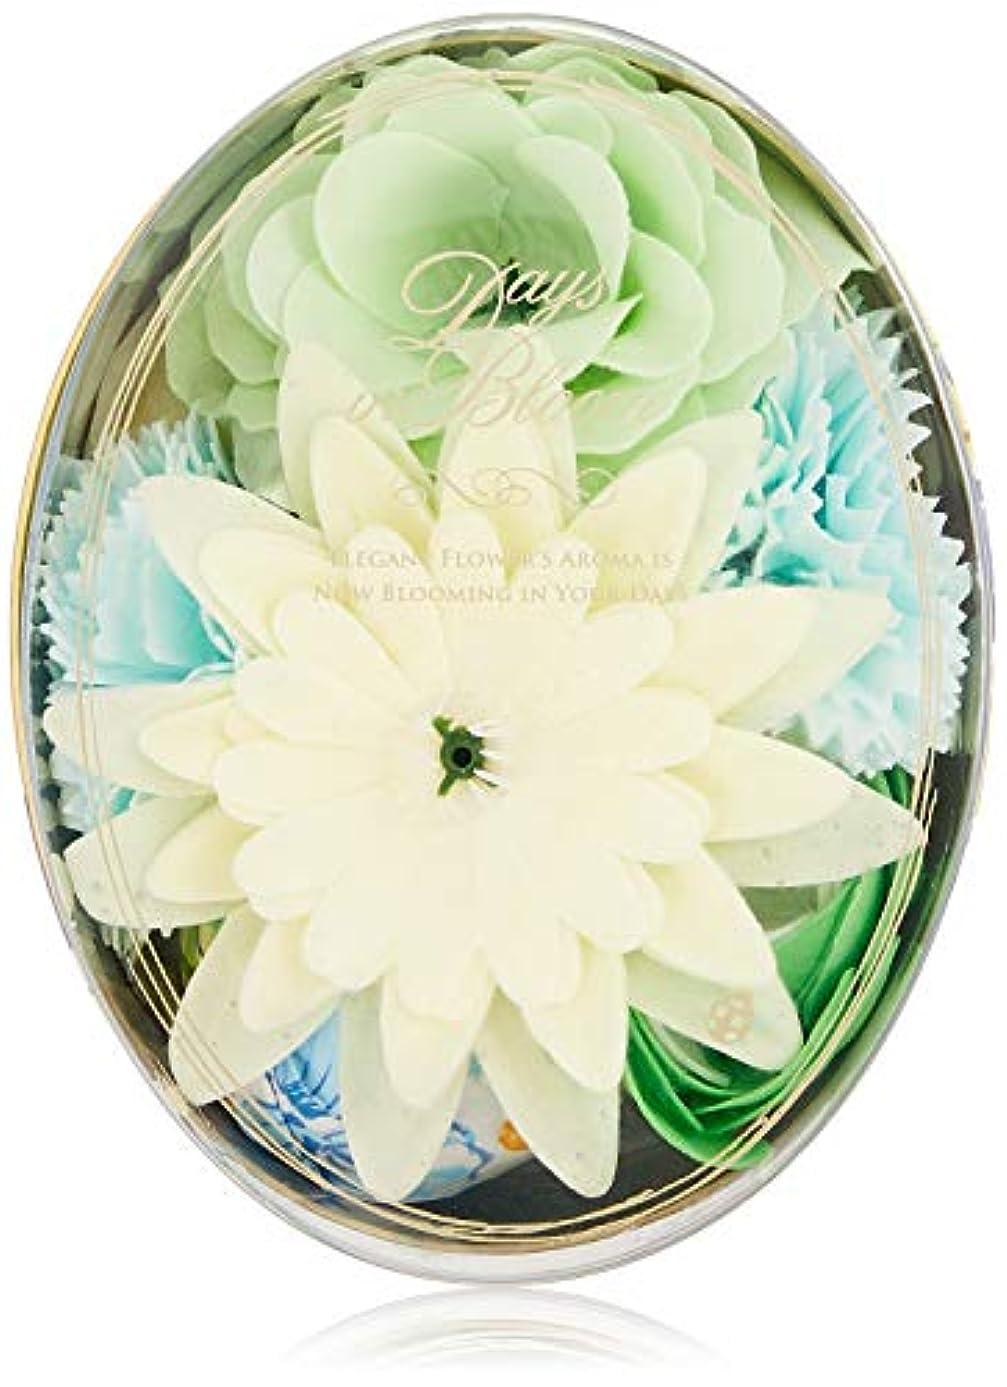 法律により崇拝する彼女デイズインブルーム バスセットオーバル ガーデニア (入浴料 お花の形のバスギフト)